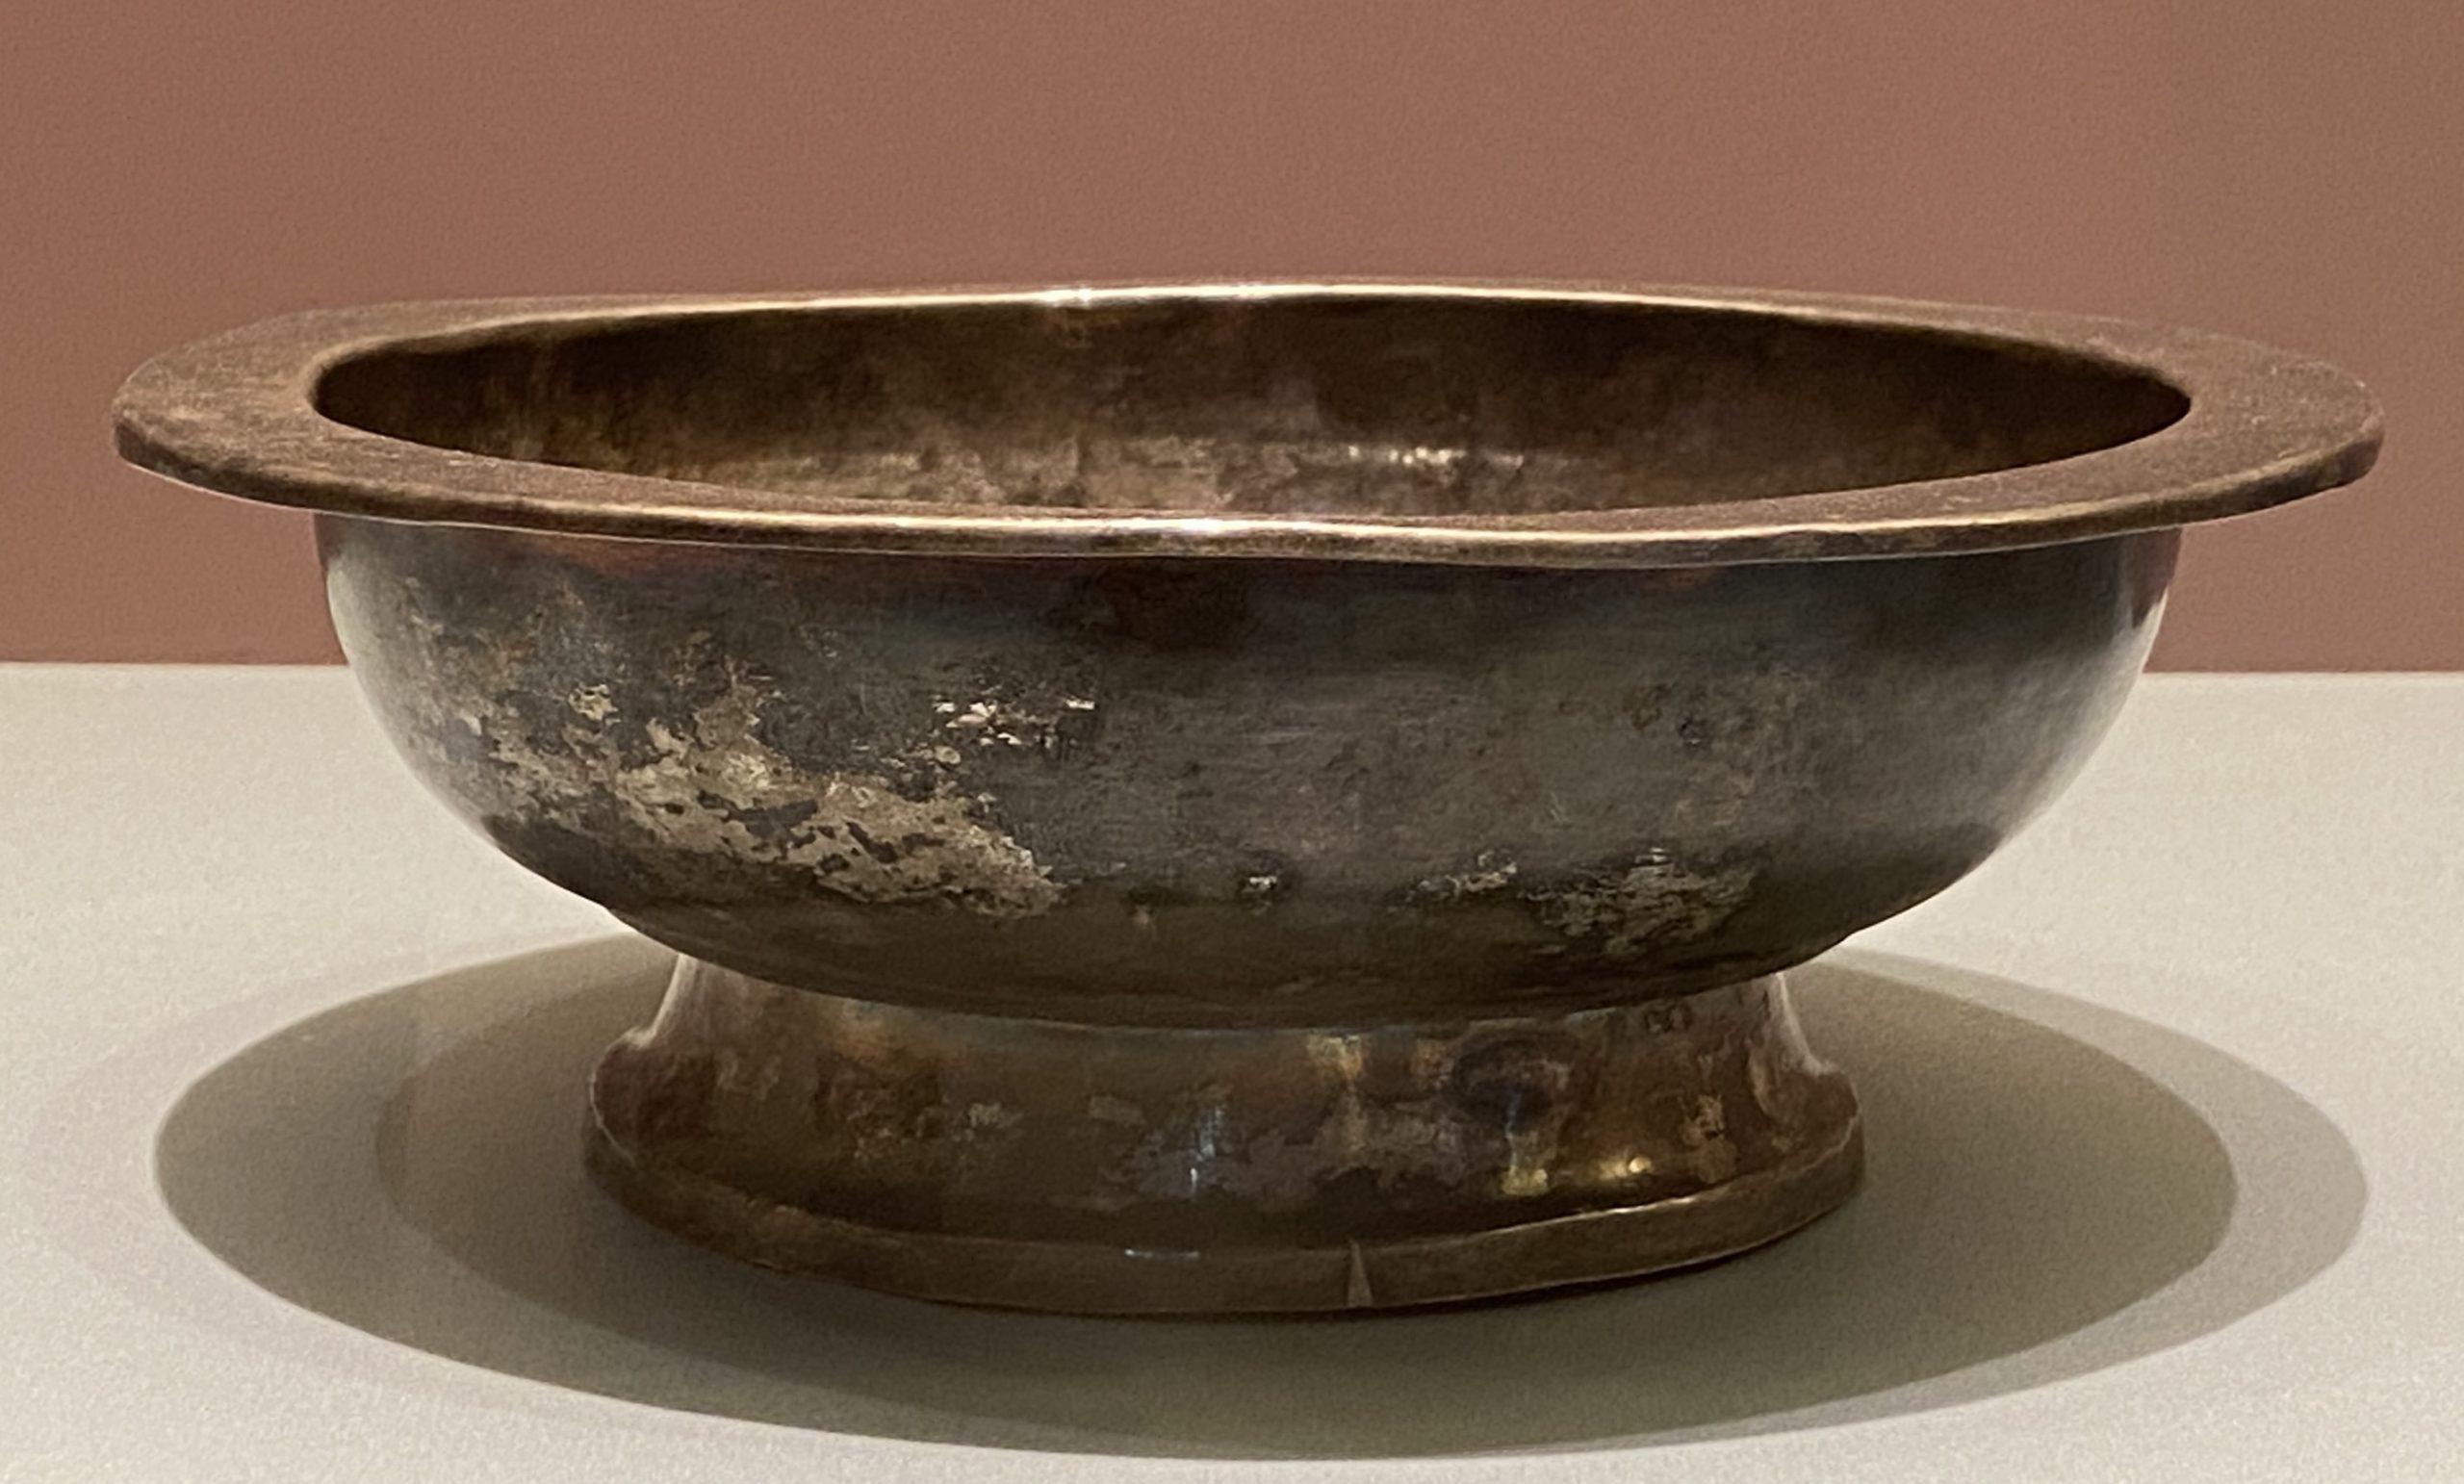 銀碗-元時代-特別展【食味人間】四川博物院・中国国家博物館